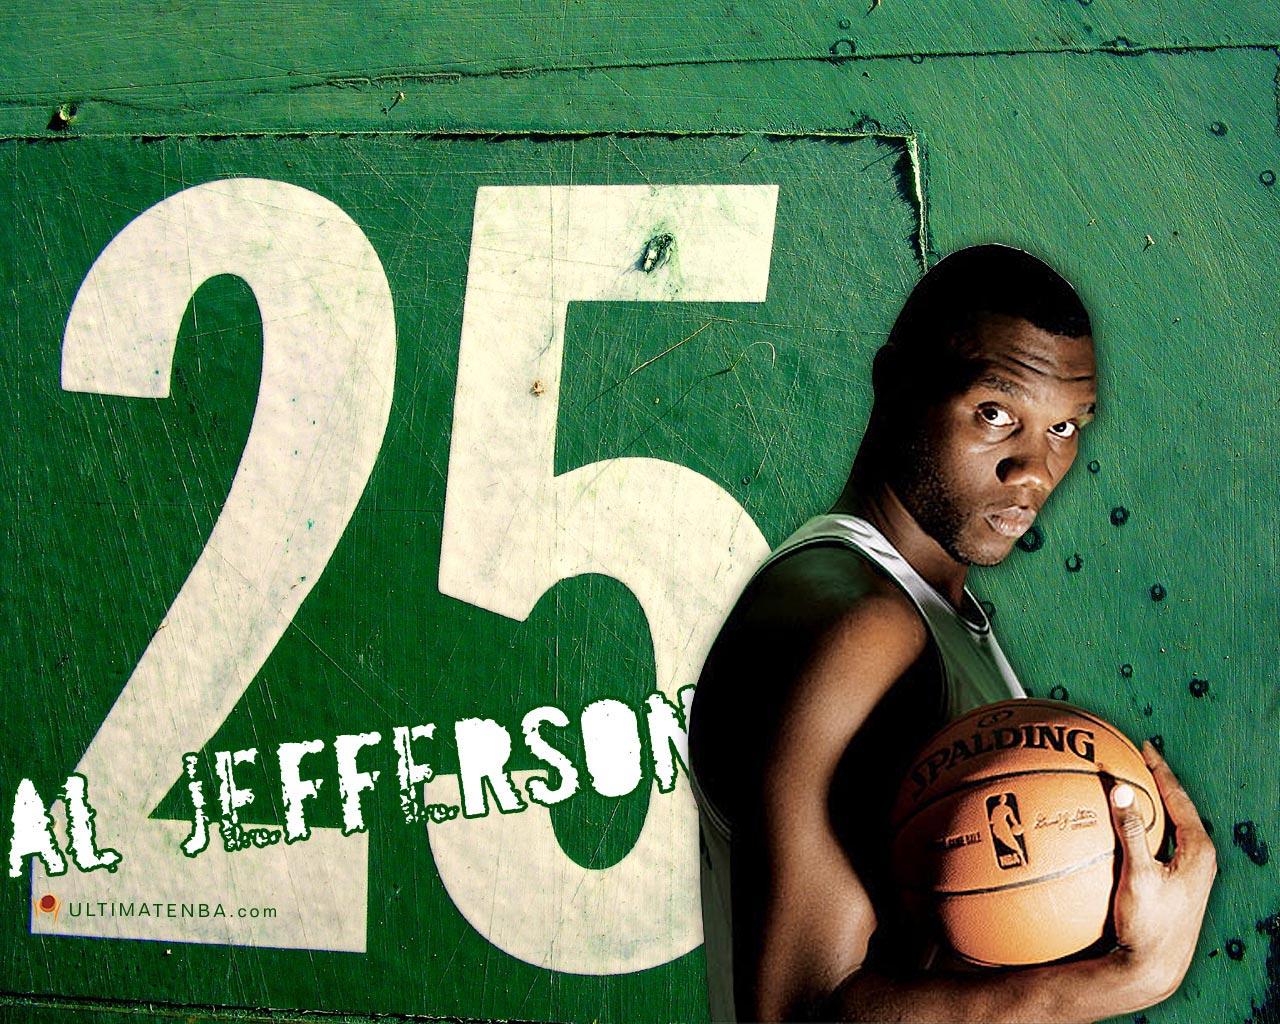 http://4.bp.blogspot.com/-k5yOggOBdFI/T8oZ_WYkUoI/AAAAAAAADPc/9IosneUGA4k/s1600/Al+Jefferson+Wallpapers+%25284%2529.jpg